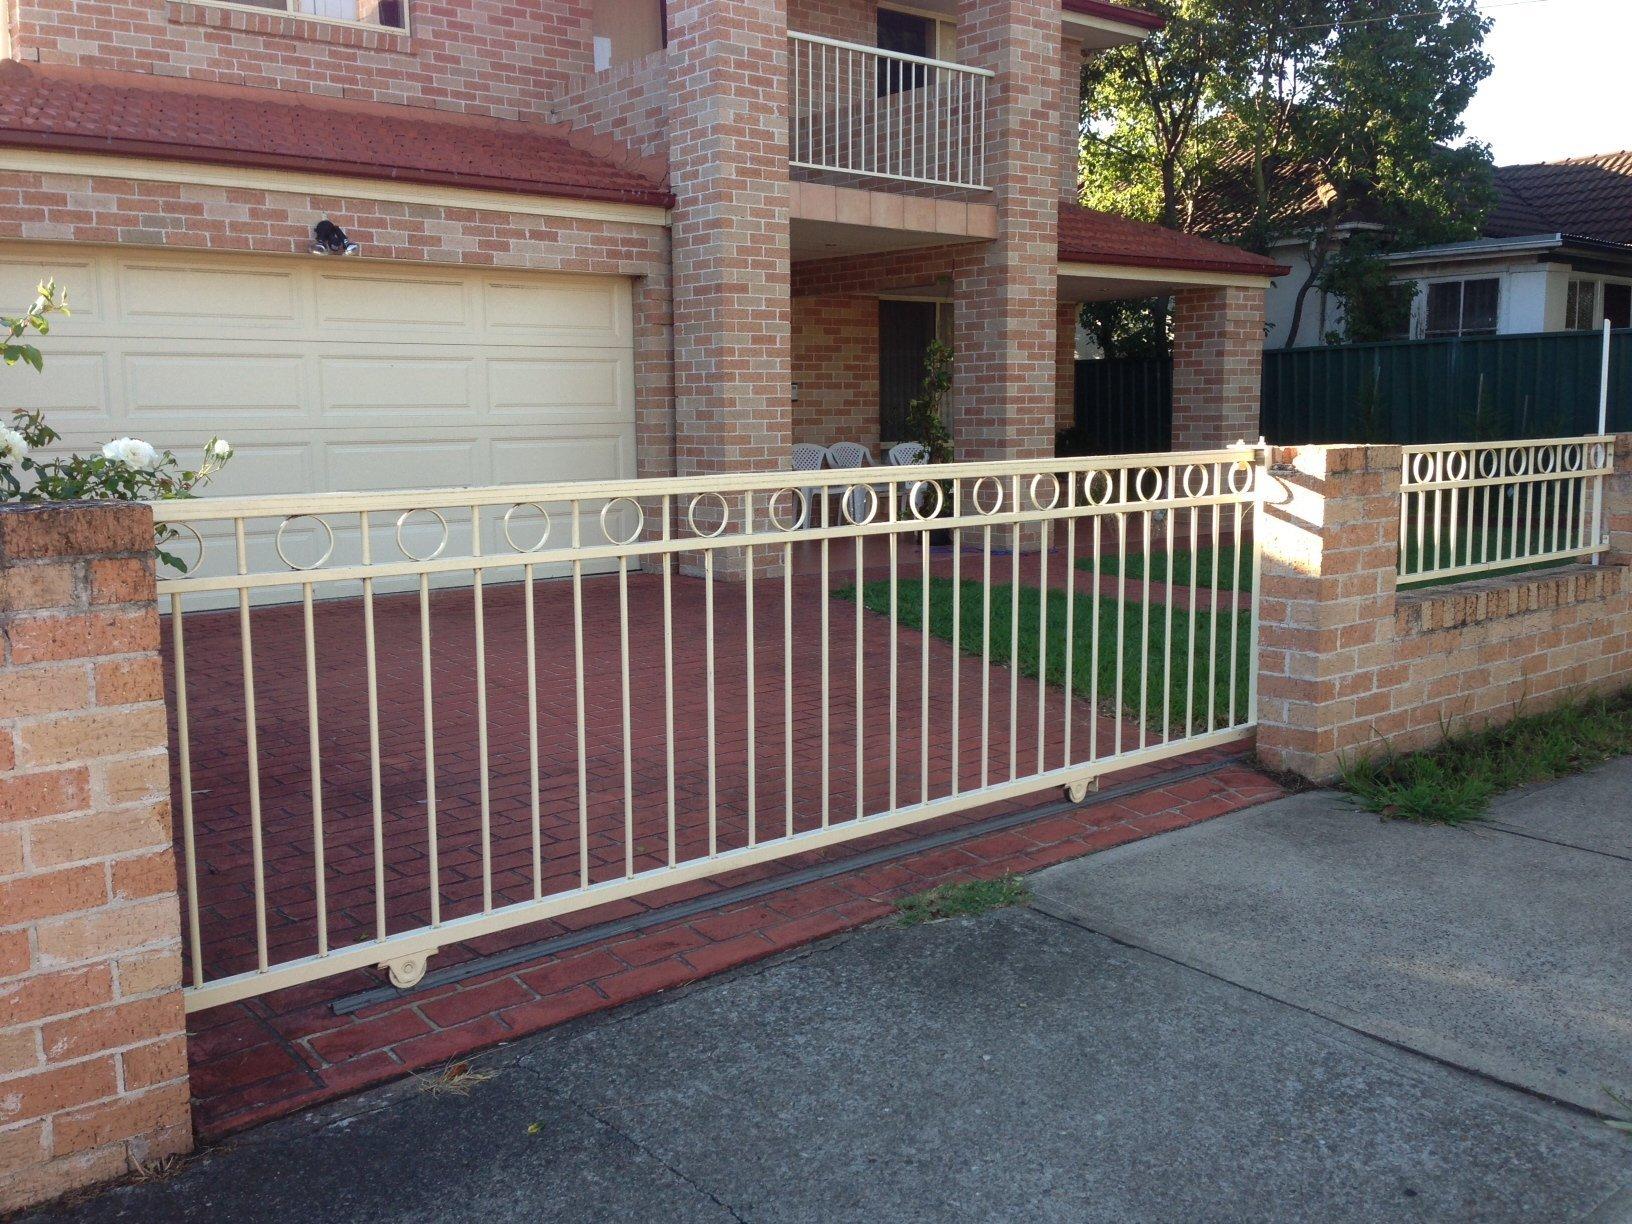 Automatic gate systems sydney autogates sydney for Motorized sliding gate systems